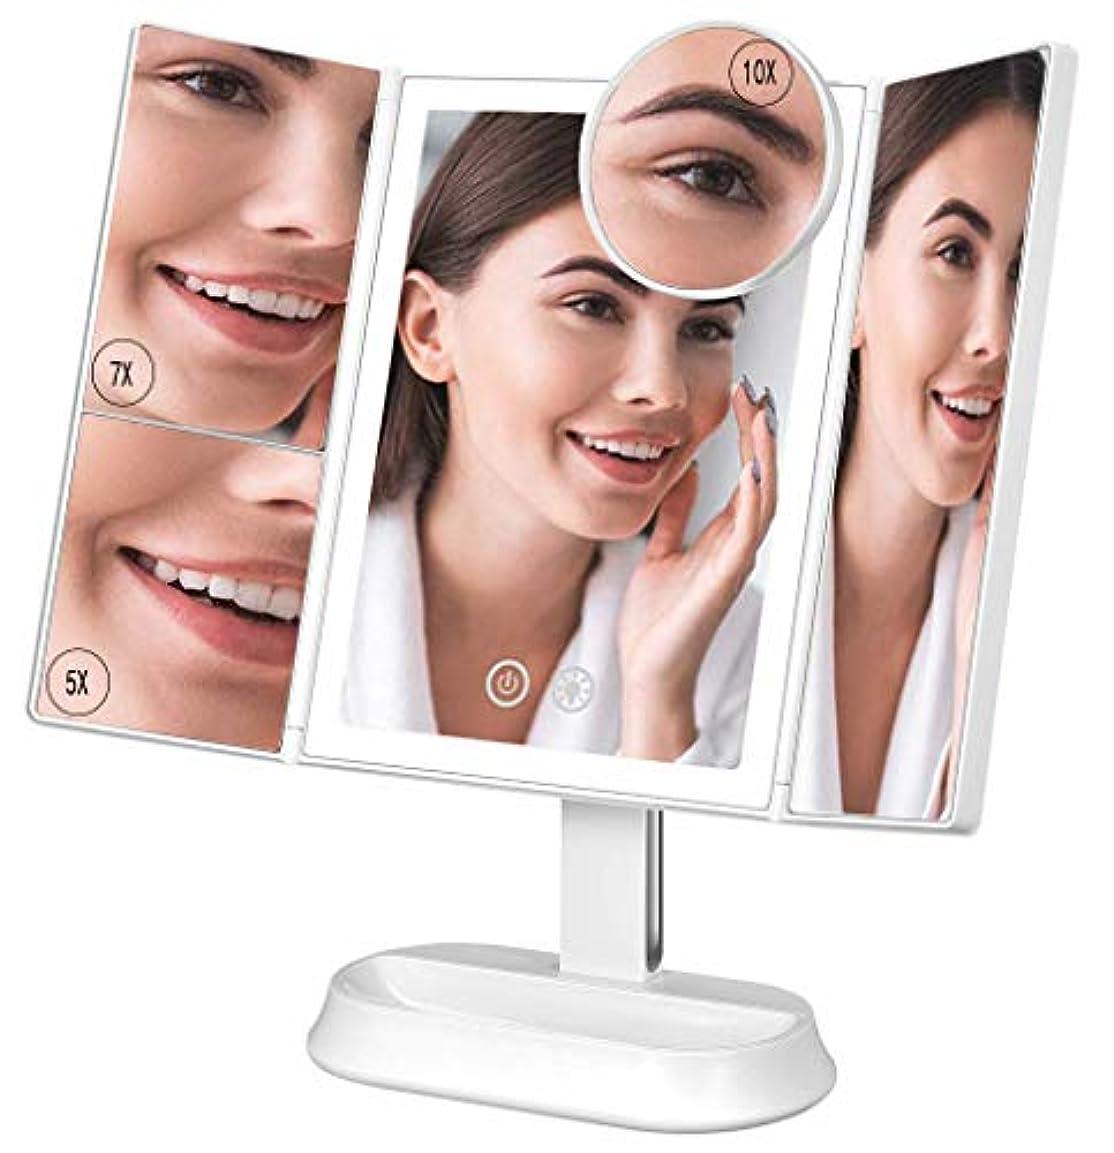 願望高価なコンプリートOvonni 化粧鏡 化粧ミラー led付き 拡大鏡付き三面鏡 女優ミラー 60個のLEDライト内蔵 高輝度 5&7&10倍拡大鏡付き 明るさ調整可能 3つのライトモード 電池&USB給電式